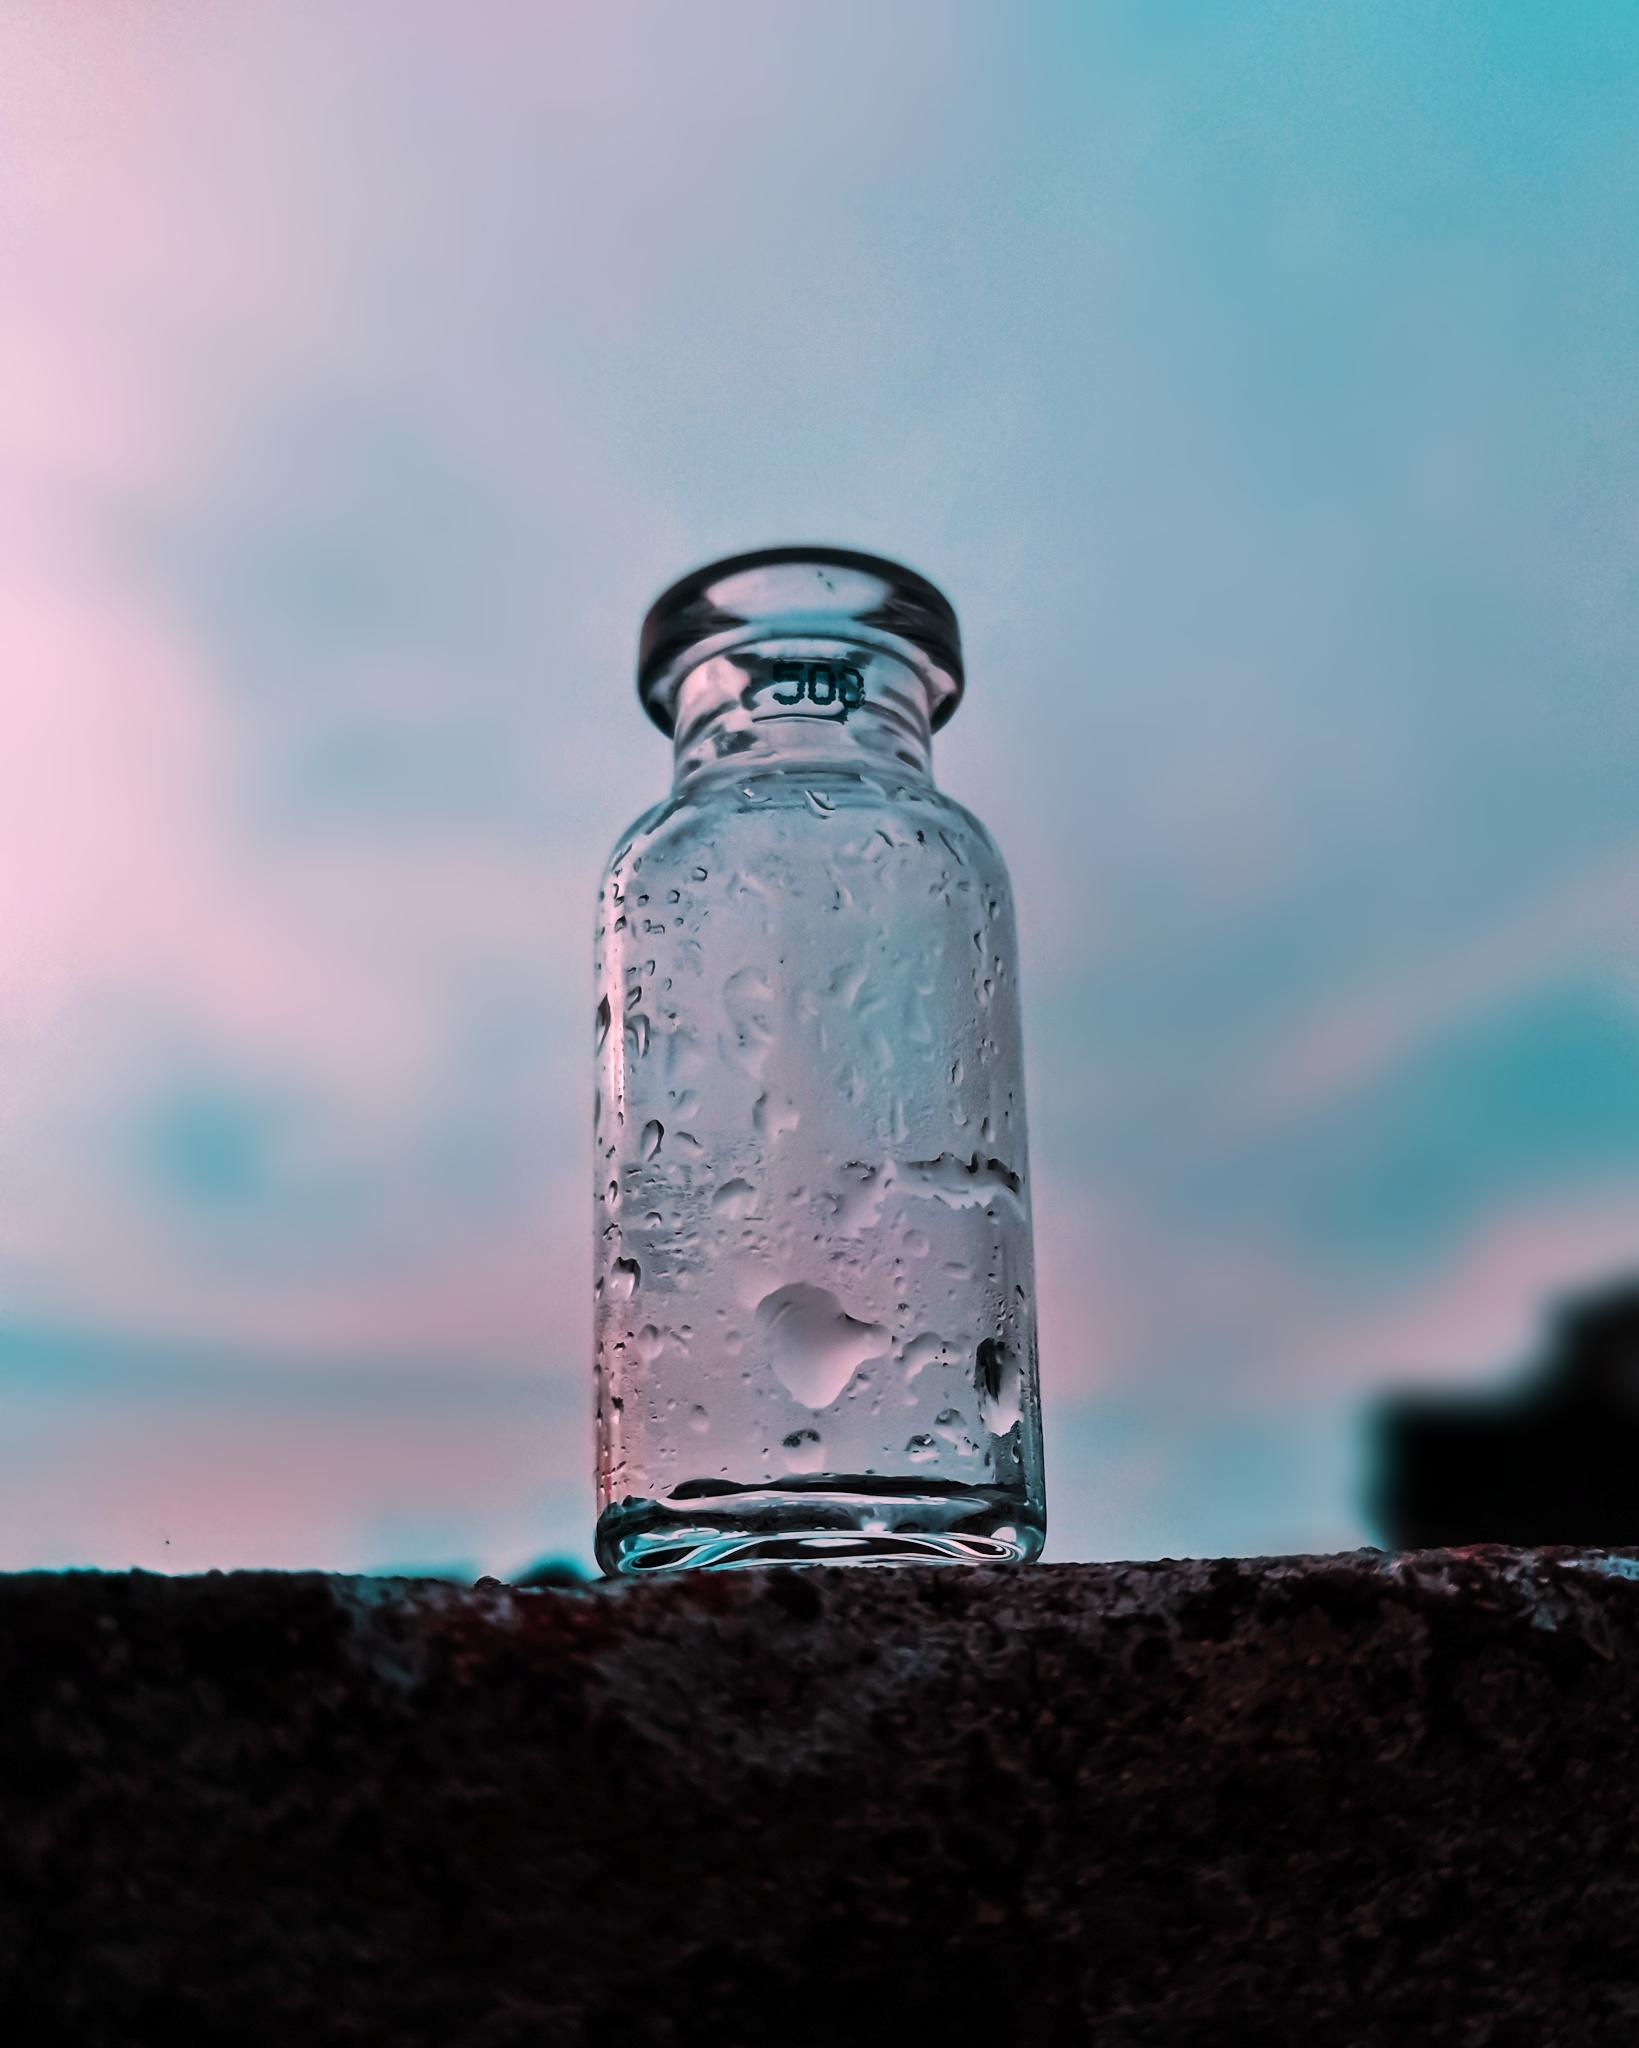 An empty glass bottle